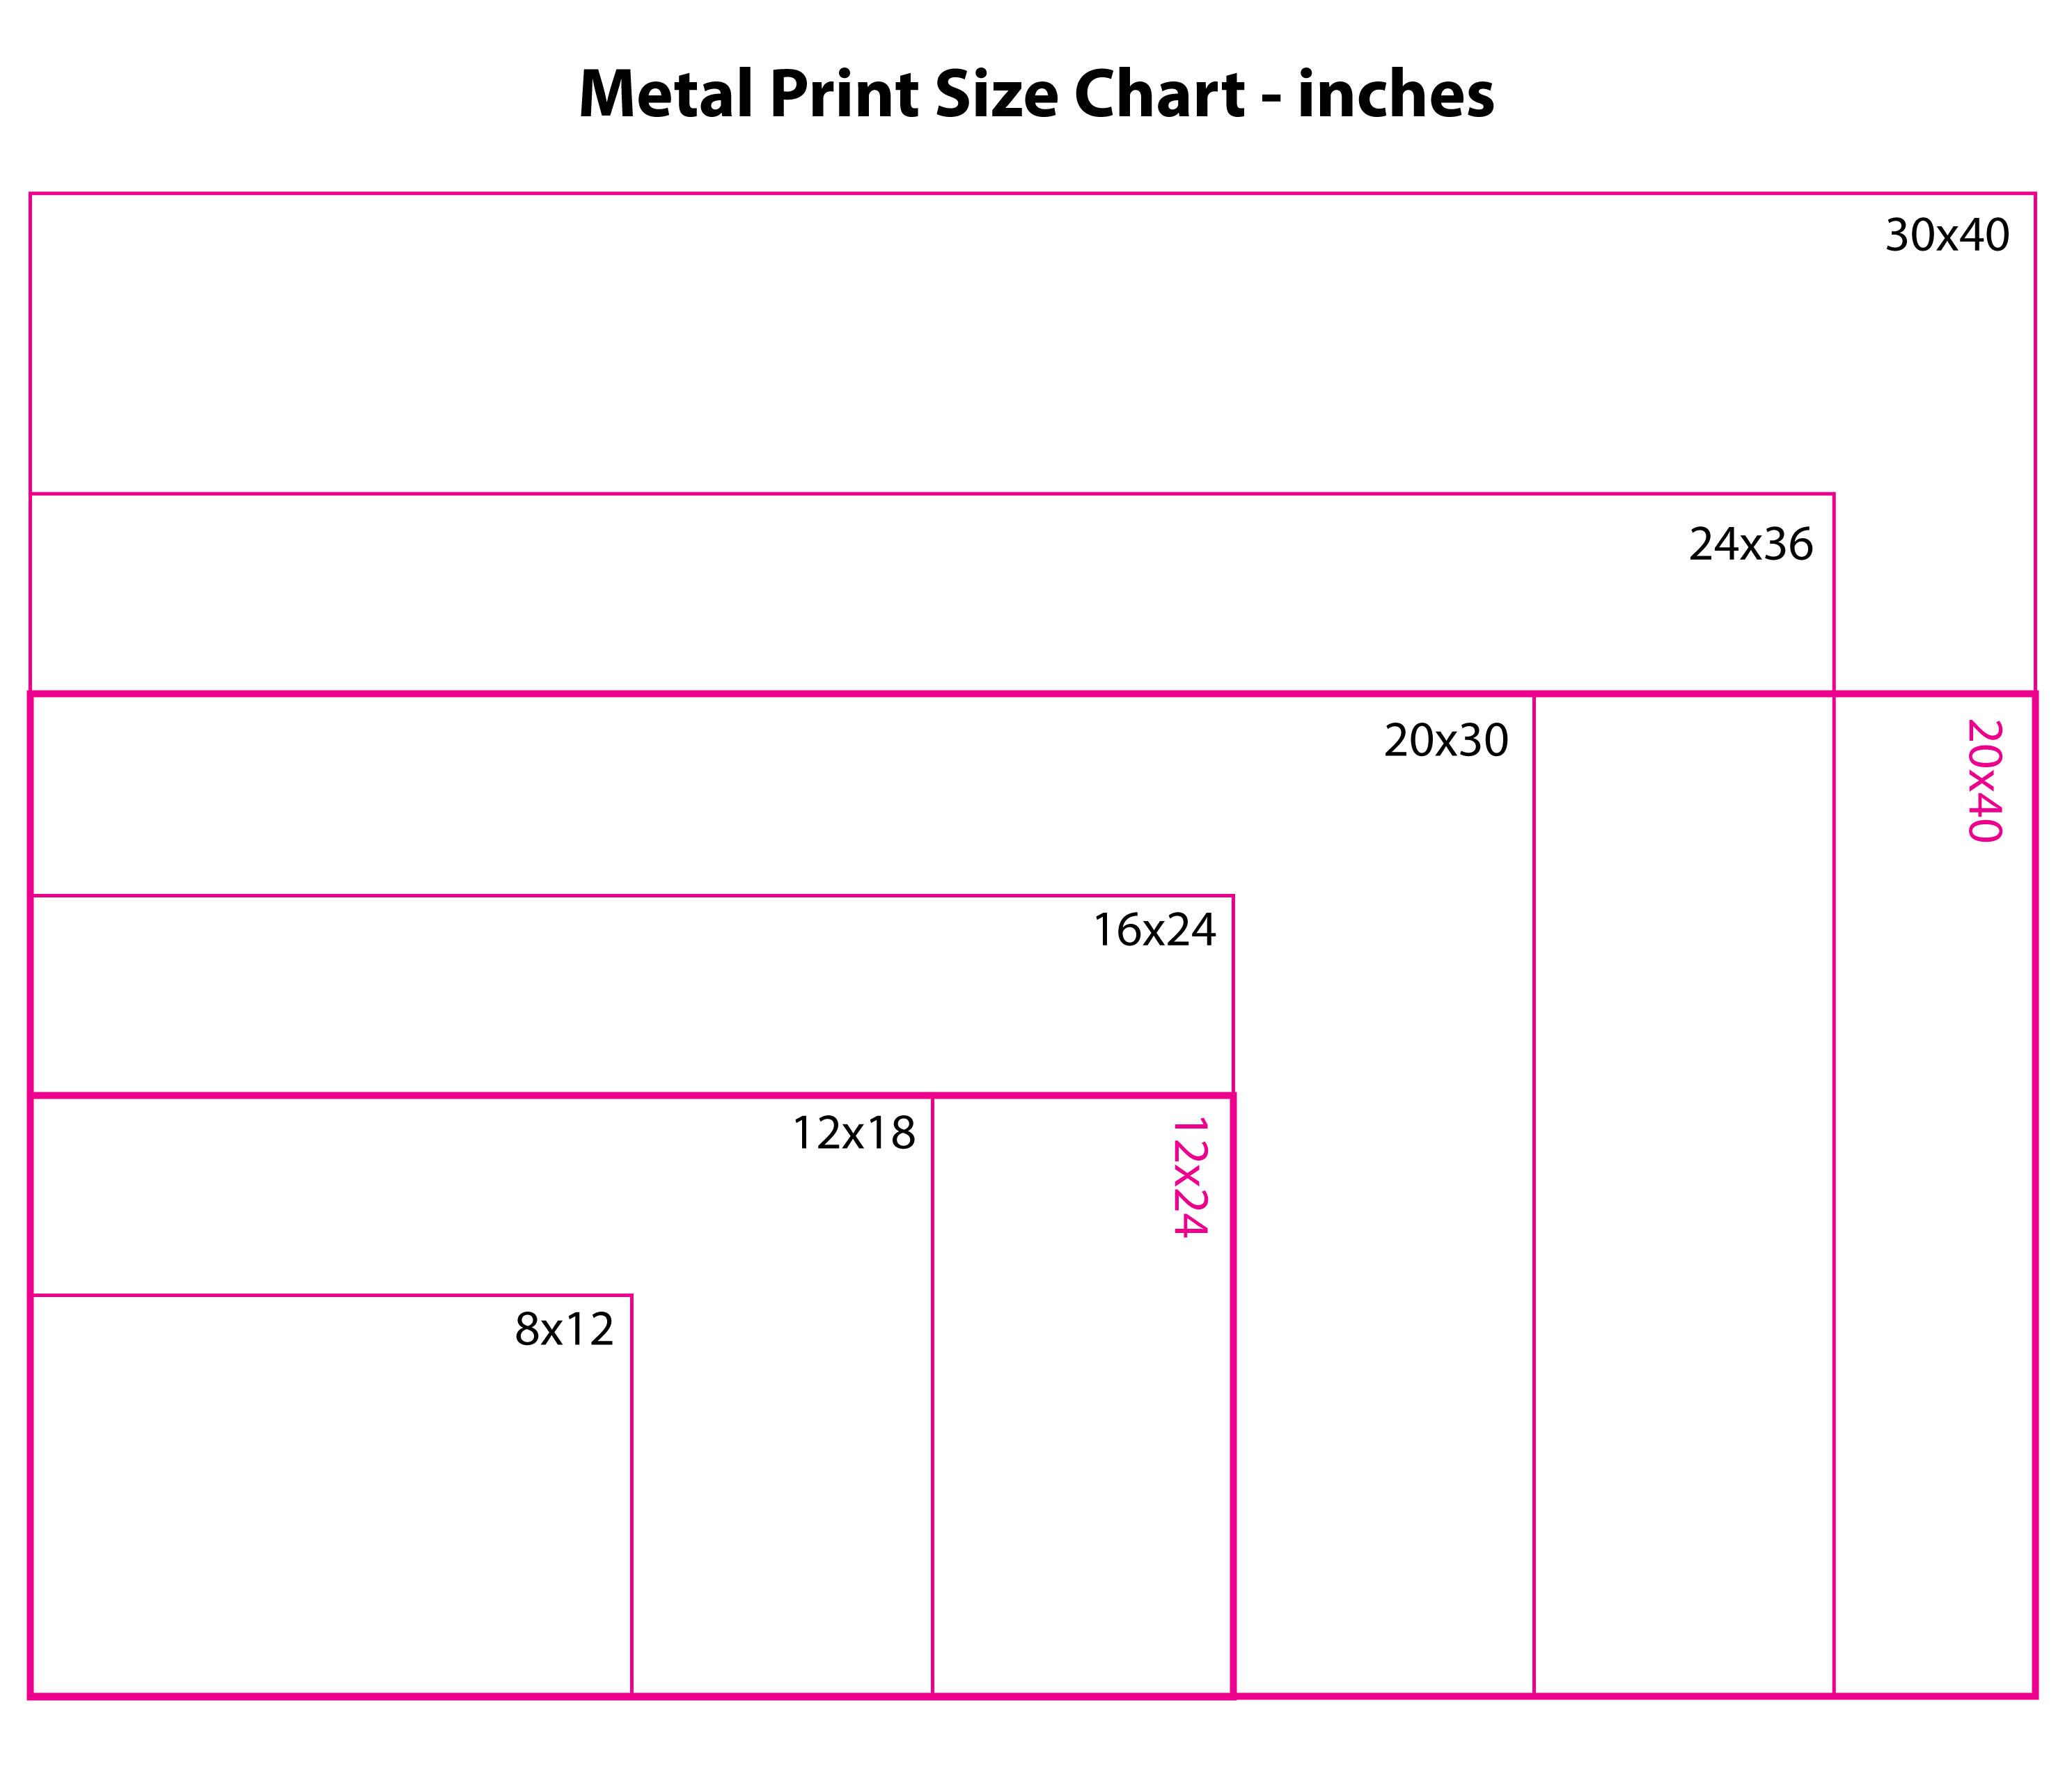 Metal Printing Size